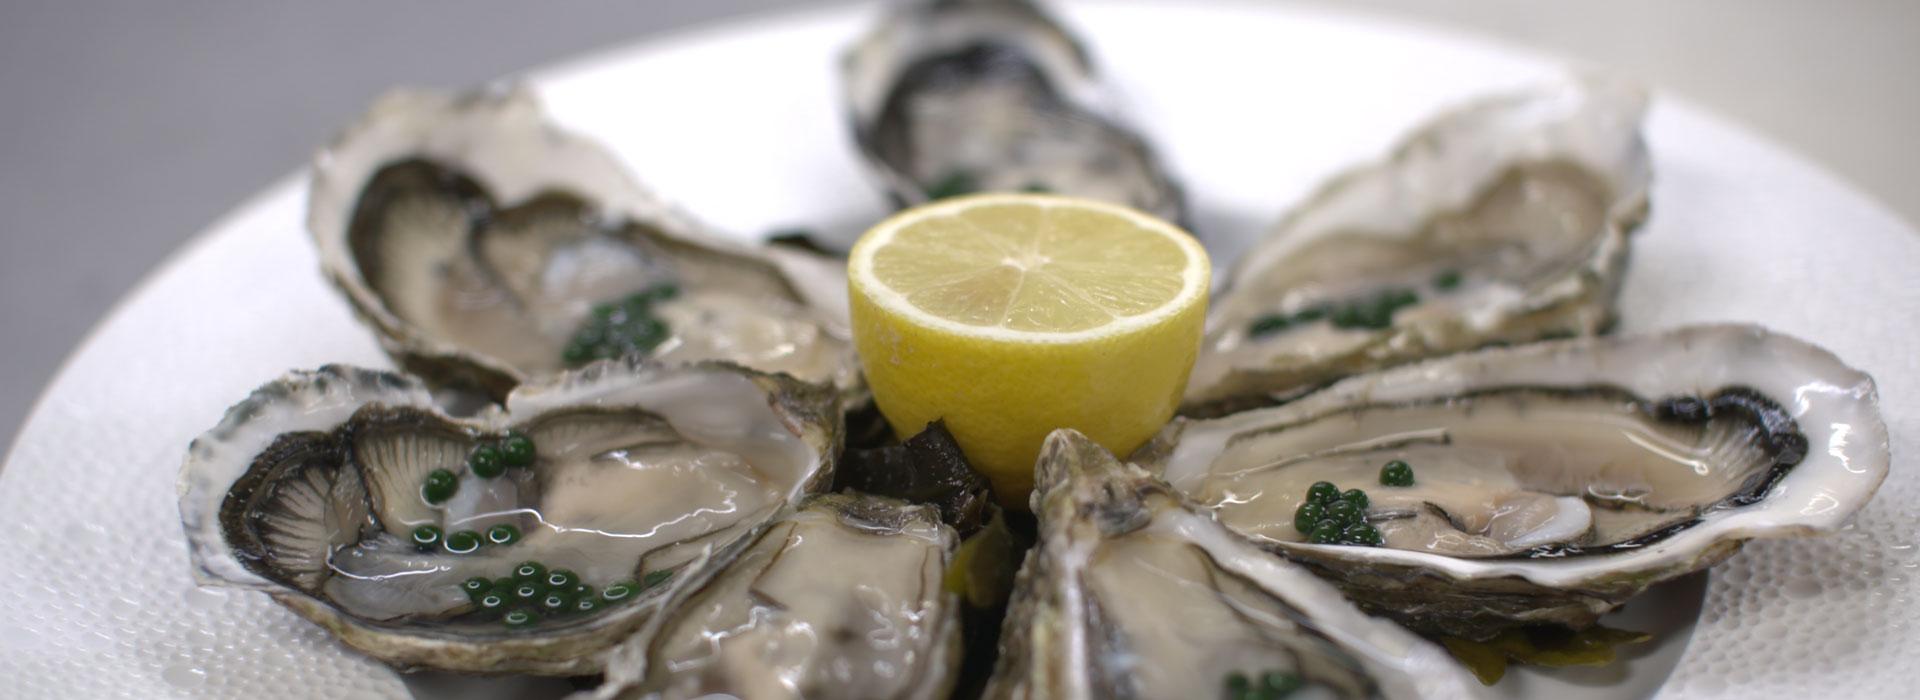 huîtres creuses de Bretagne